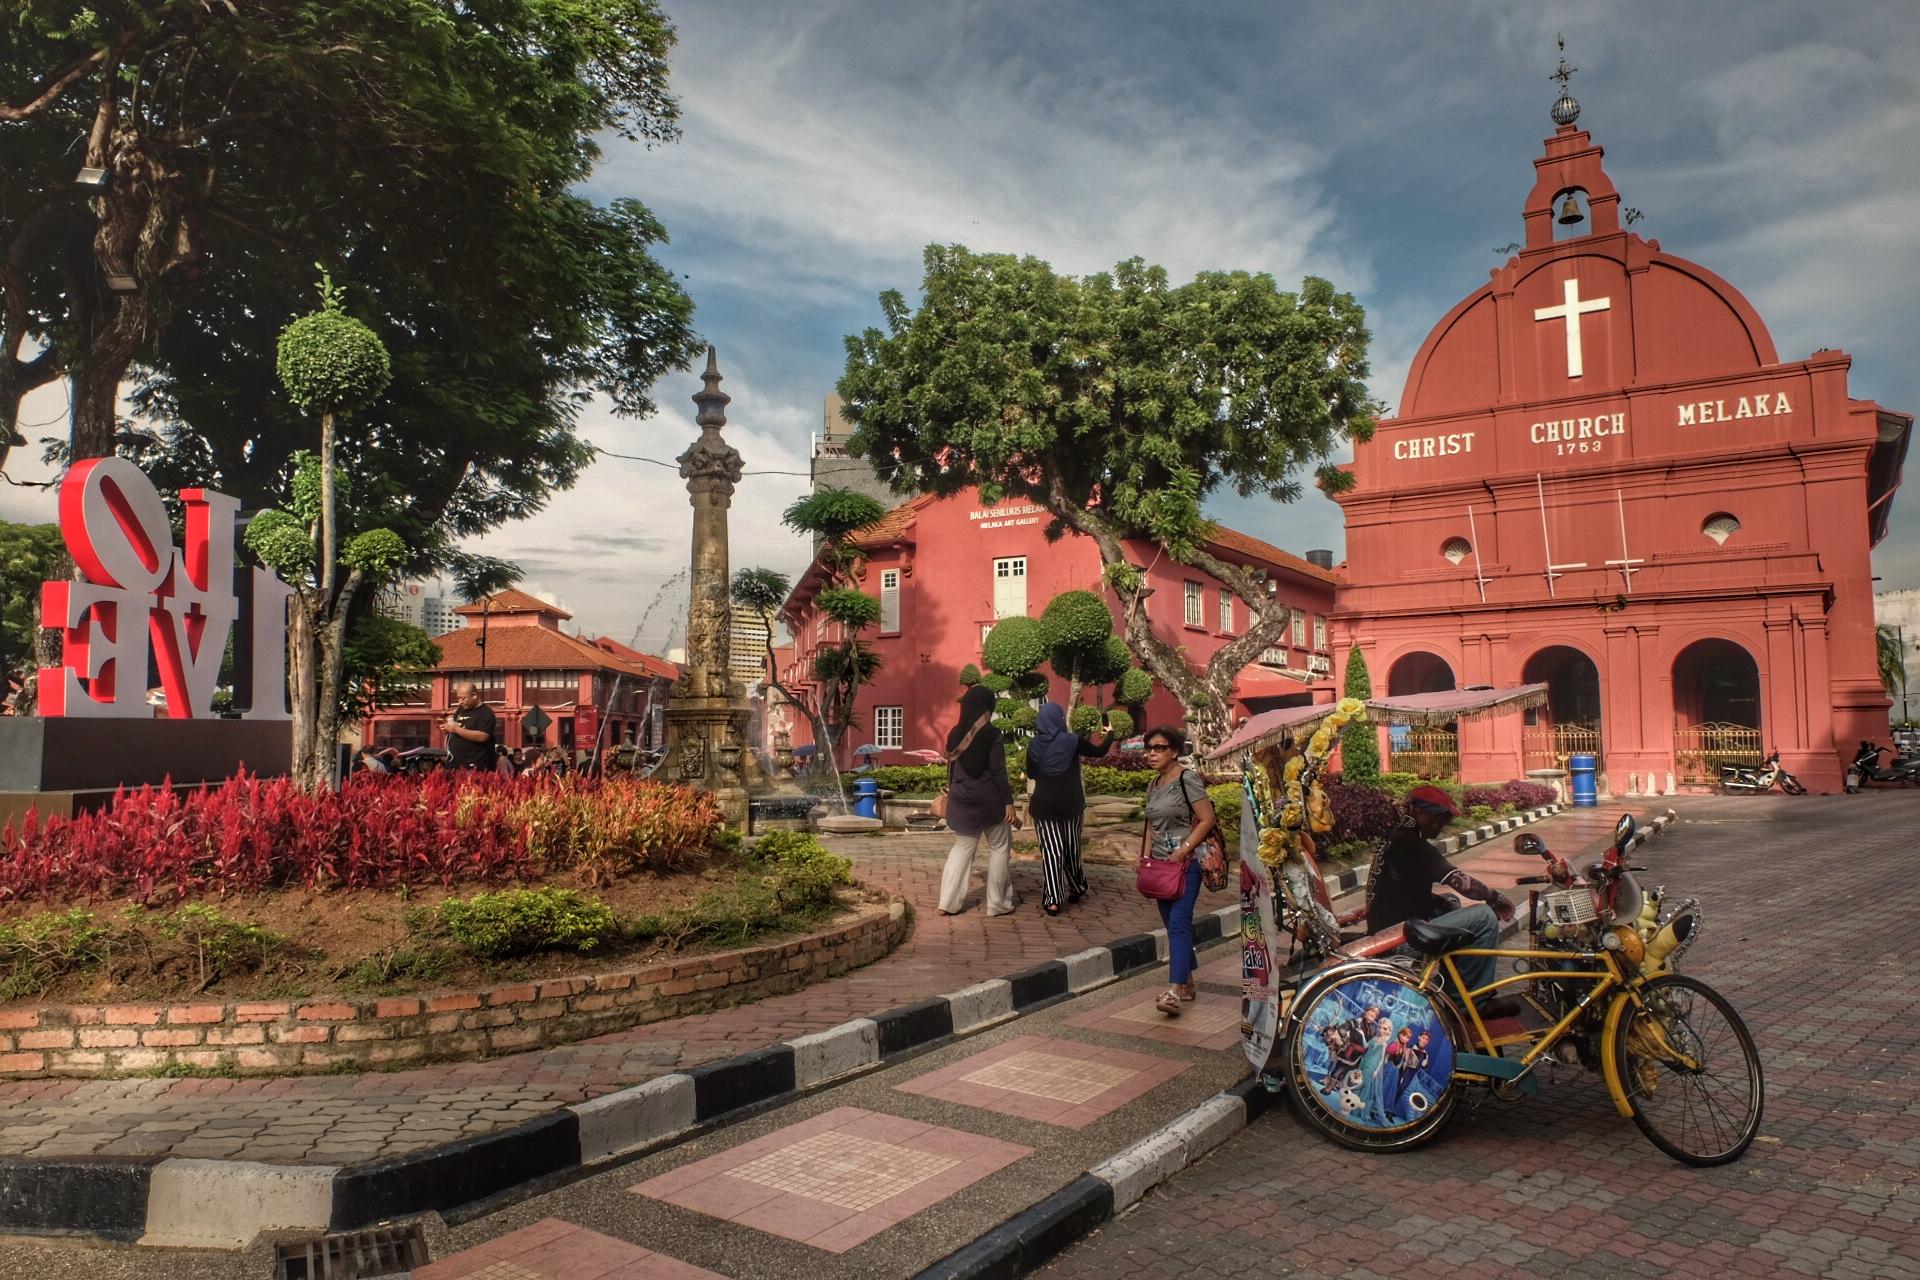 UNESCO heritage city, Melaka.